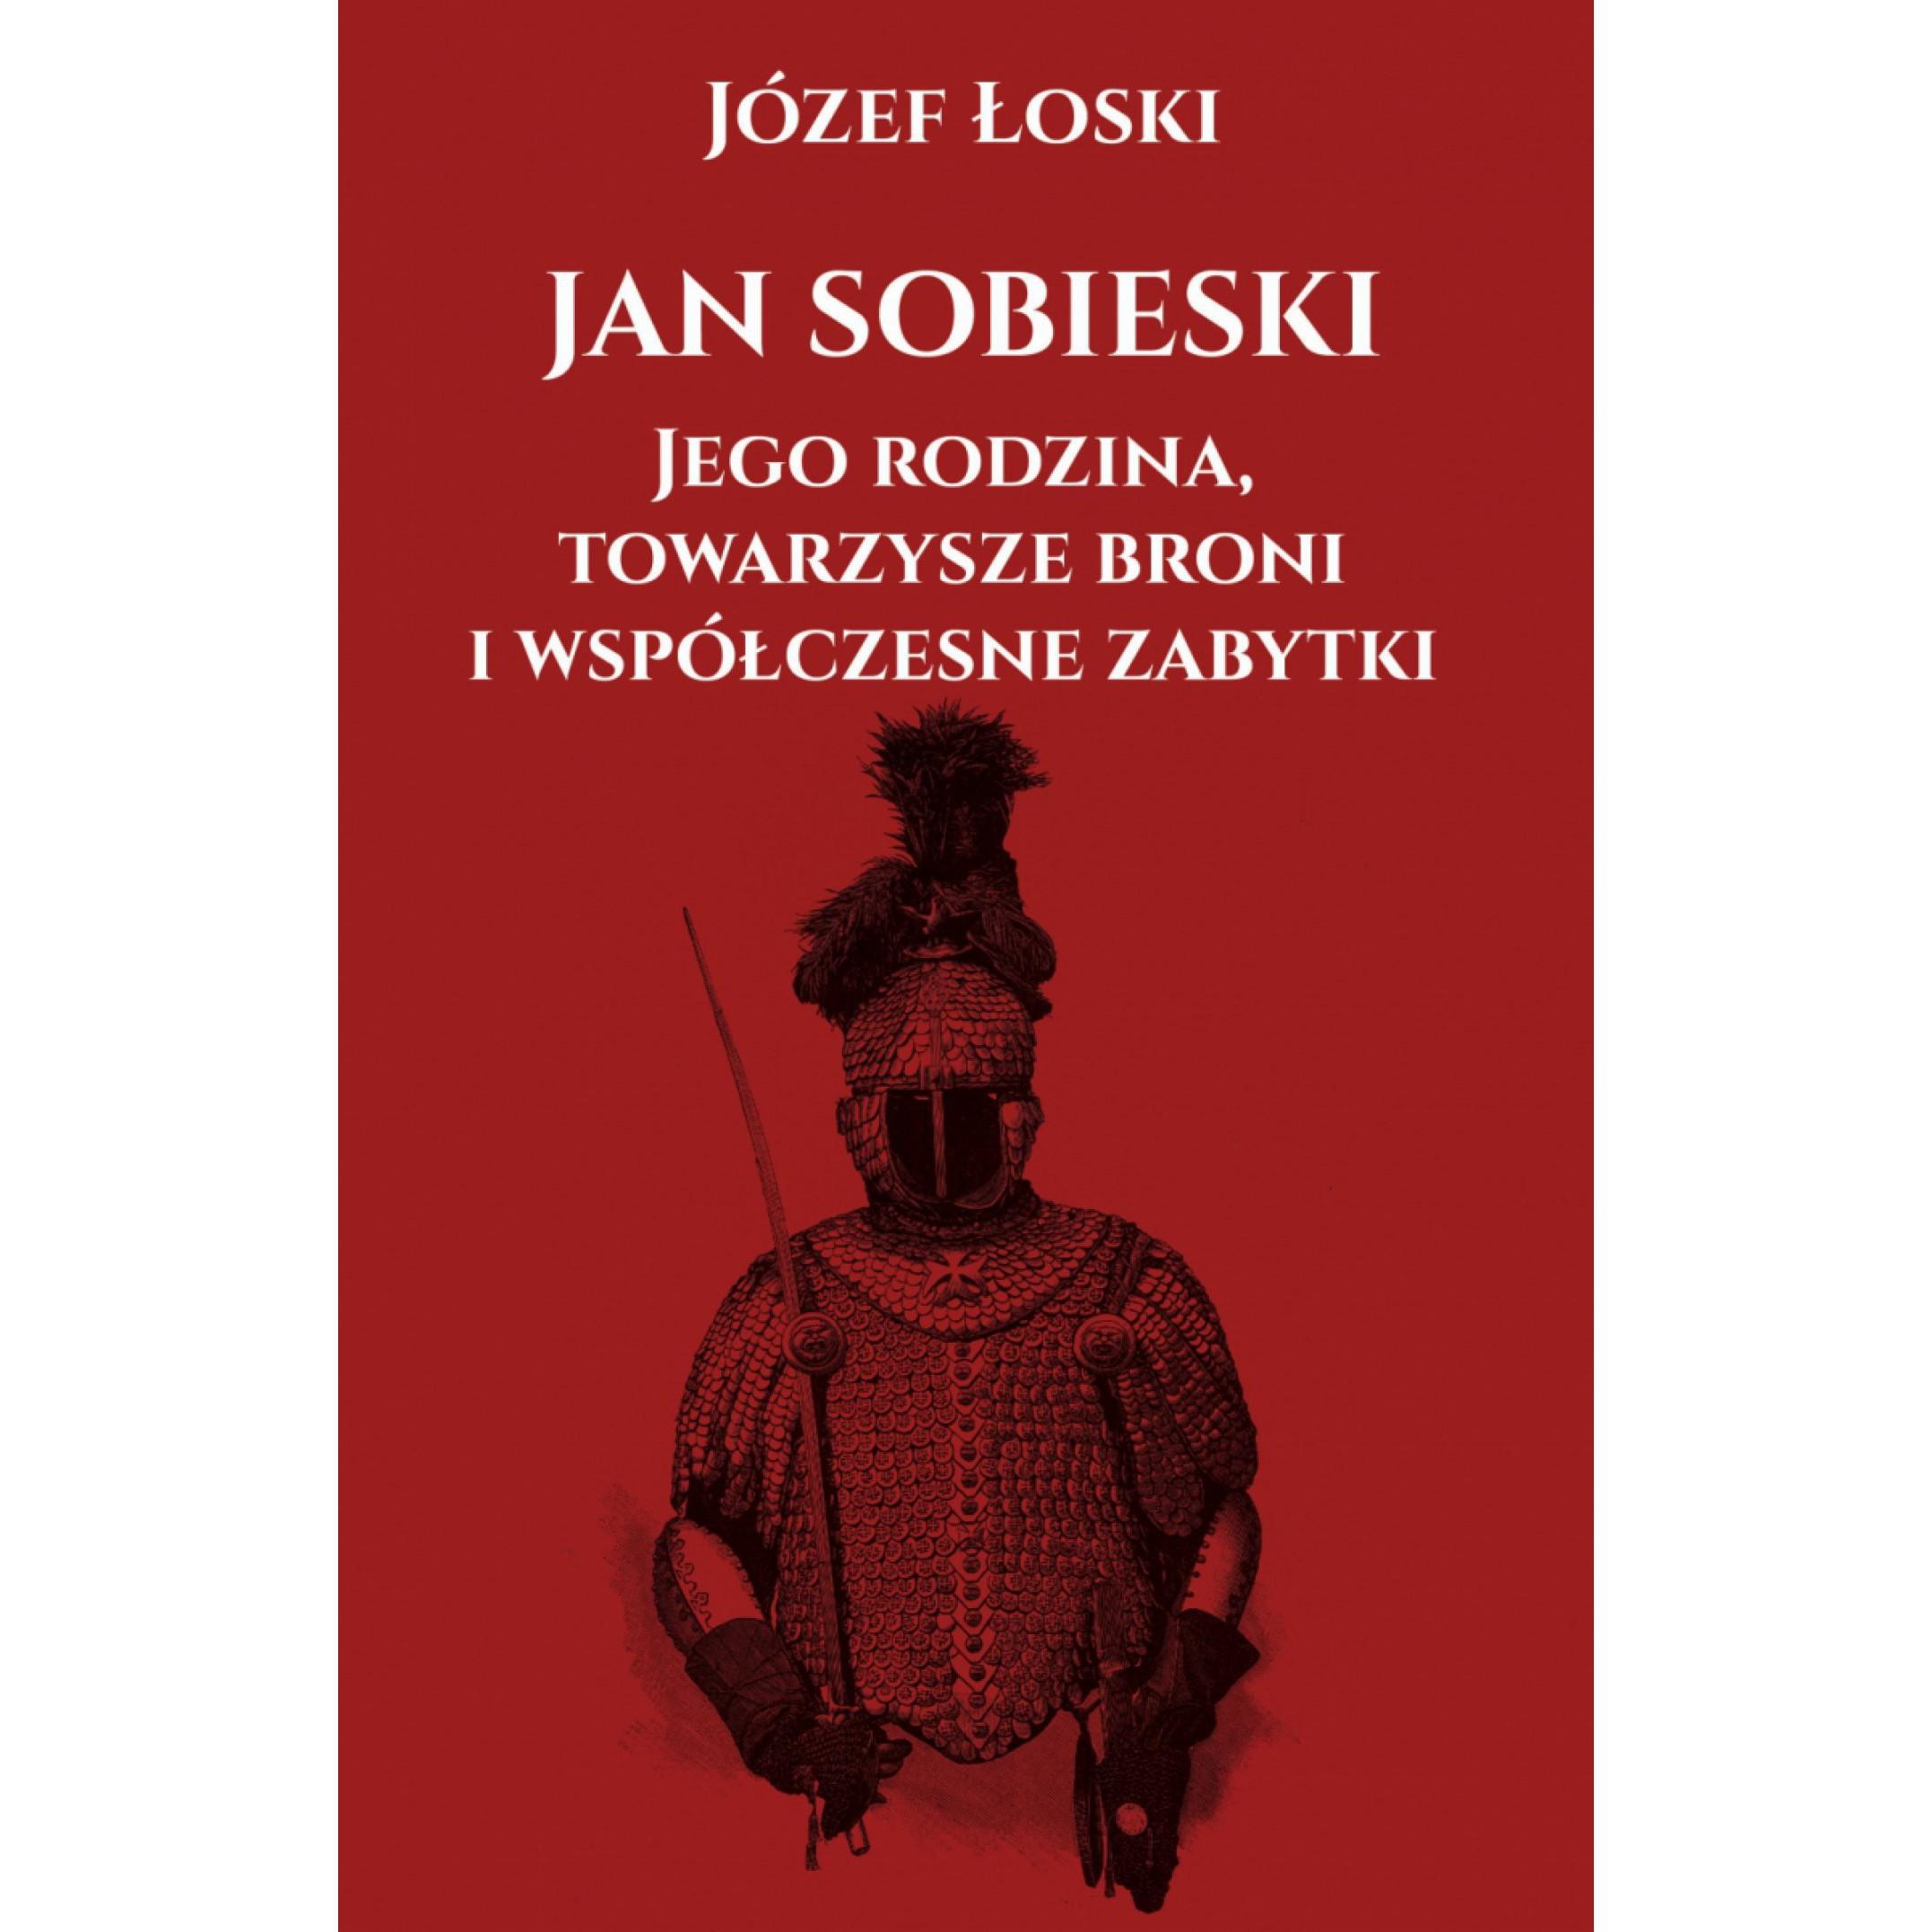 Jan Sobieski, jego rodzina, towarzysze broni i współczesne zabytki - Outlet